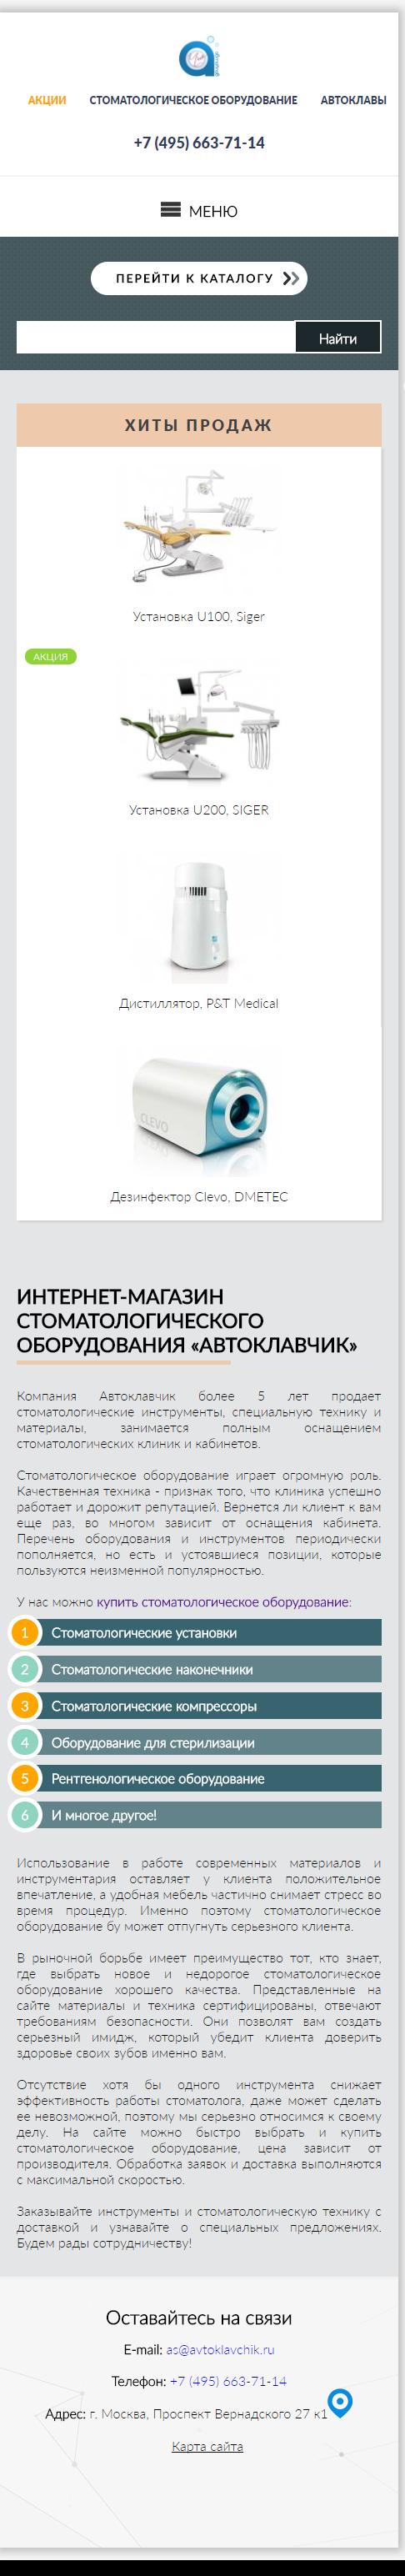 Адаптивная верстка сайта компании Автоклавчик